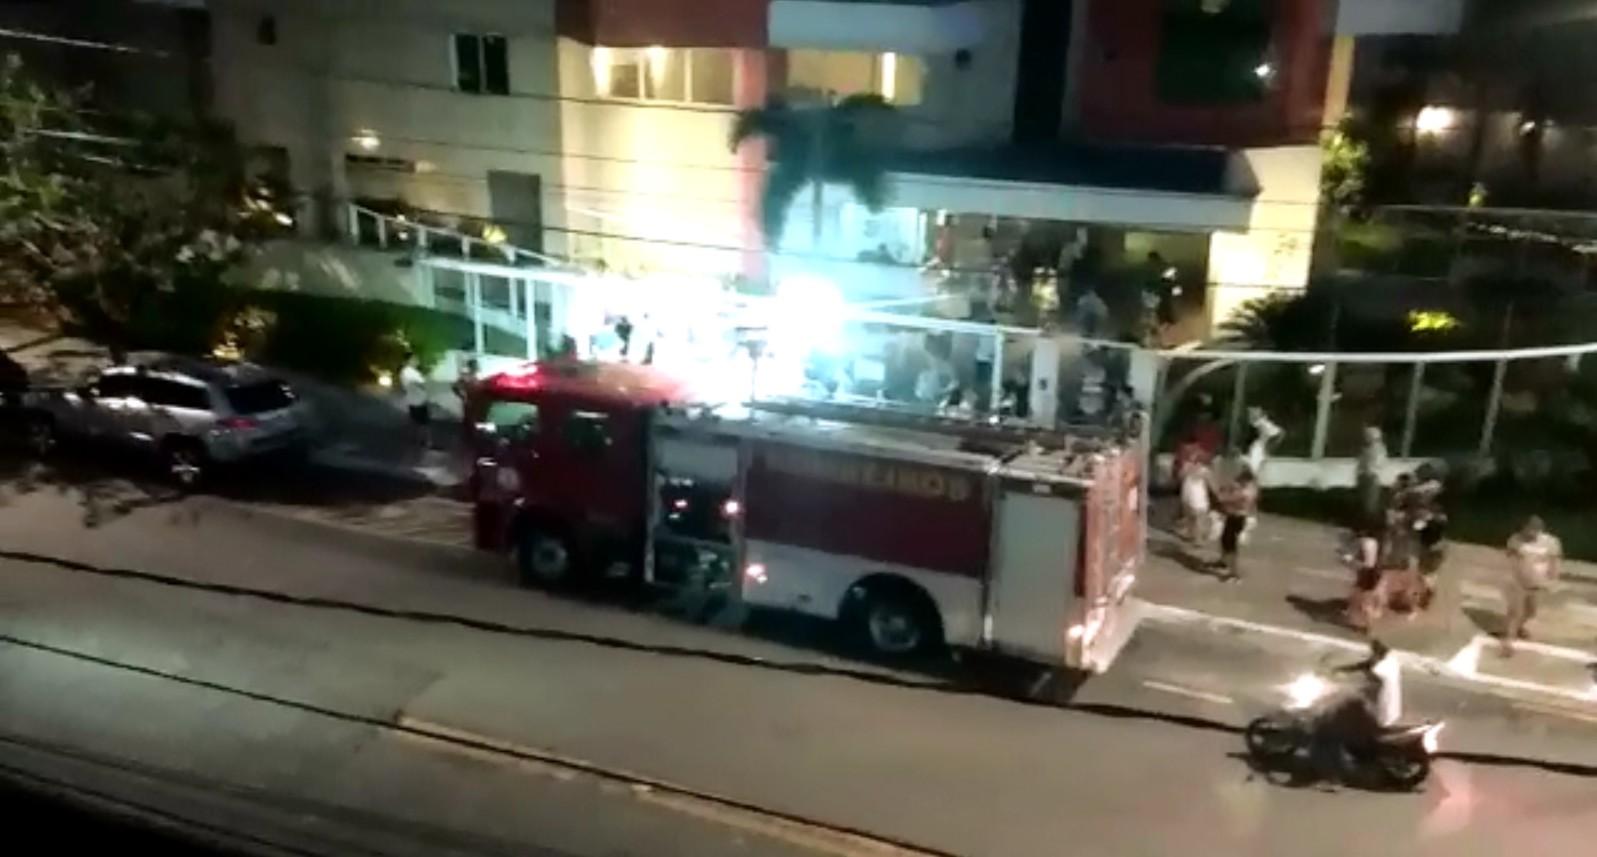 Carro tem perda total após pegar fogo em garagem de edifício em Belém - Notícias - Plantão Diário